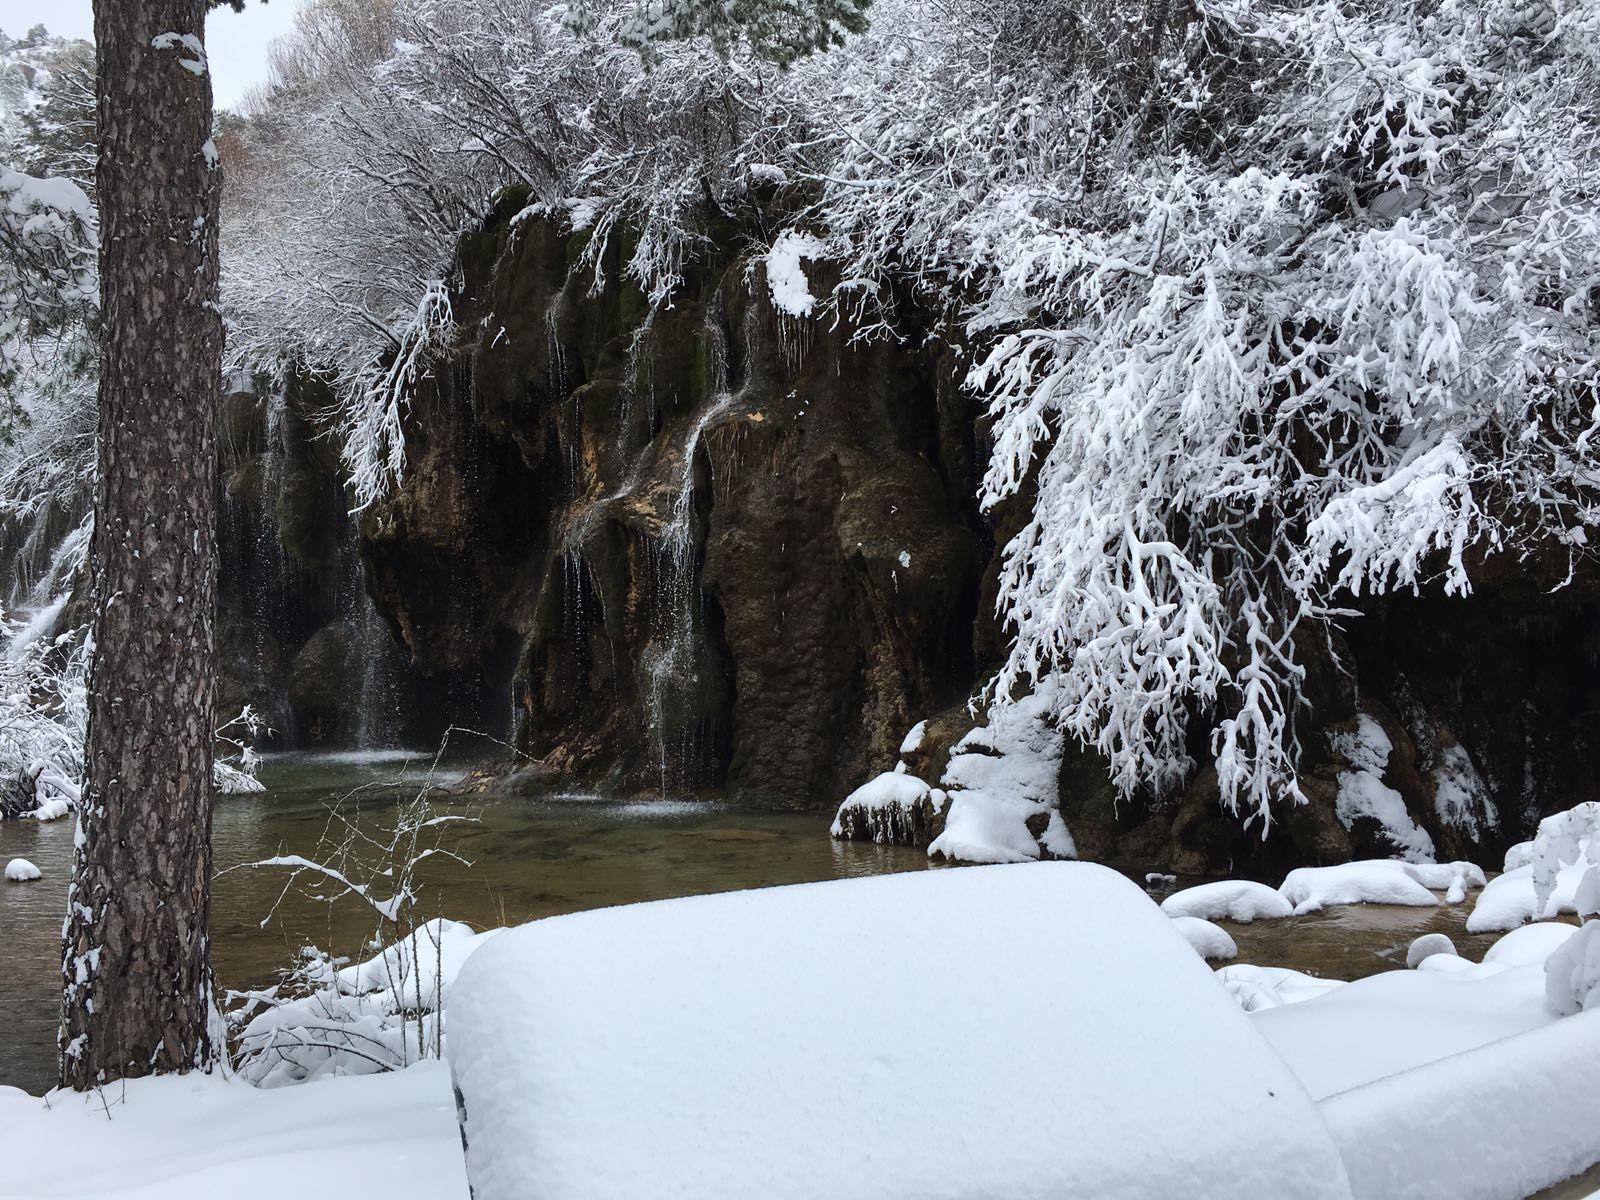 Nacimiento Del Río Cuervo Parques Naturales Serrania De Cuenca Parques